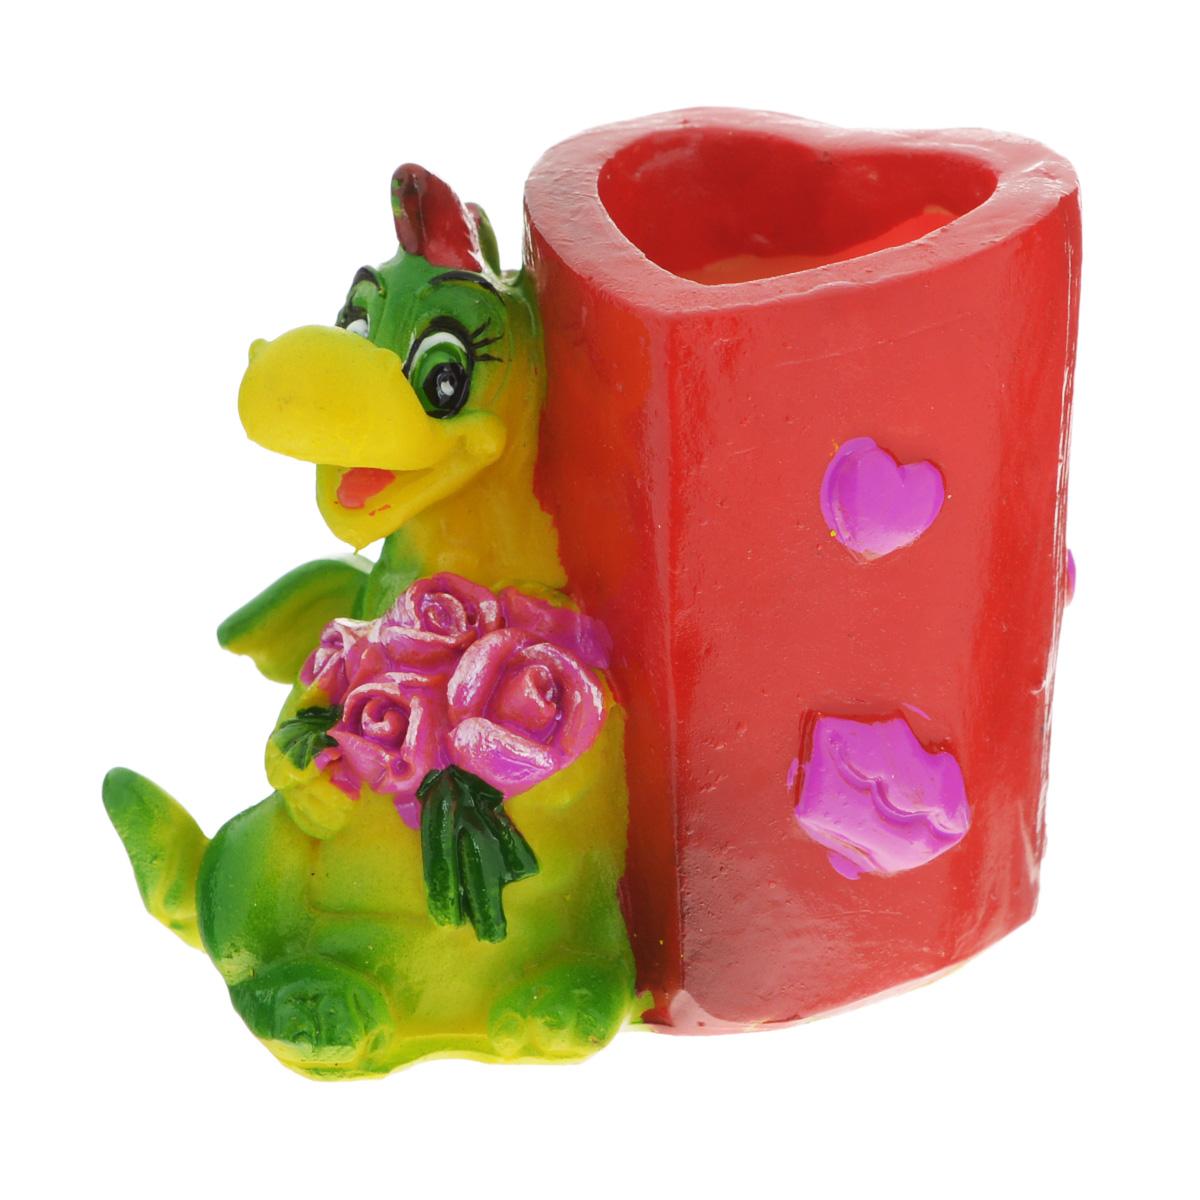 Подставка декоративная под зубочистки Lunten Ranta Влюбленный дракон. Сердце и цветы54 009312Декоративная подставка под зубочистки Lunten Ranta Влюбленный дракон. Сердце и цветы, изготовленная из полирезины и выполненная в виде композиции из обаятельного дракона и стакана, непременно украсит ваш стол. Емкость, куда вставляются зубочистки, выполнена в форме сердца.Такая подставка станет оригинальным украшением стола и подчеркнет вкус хозяйки. Размер подставки: 5 см х 3,5 см х 4,5 см.Размер стакана: 3 см х 2,5 см х 4 см.